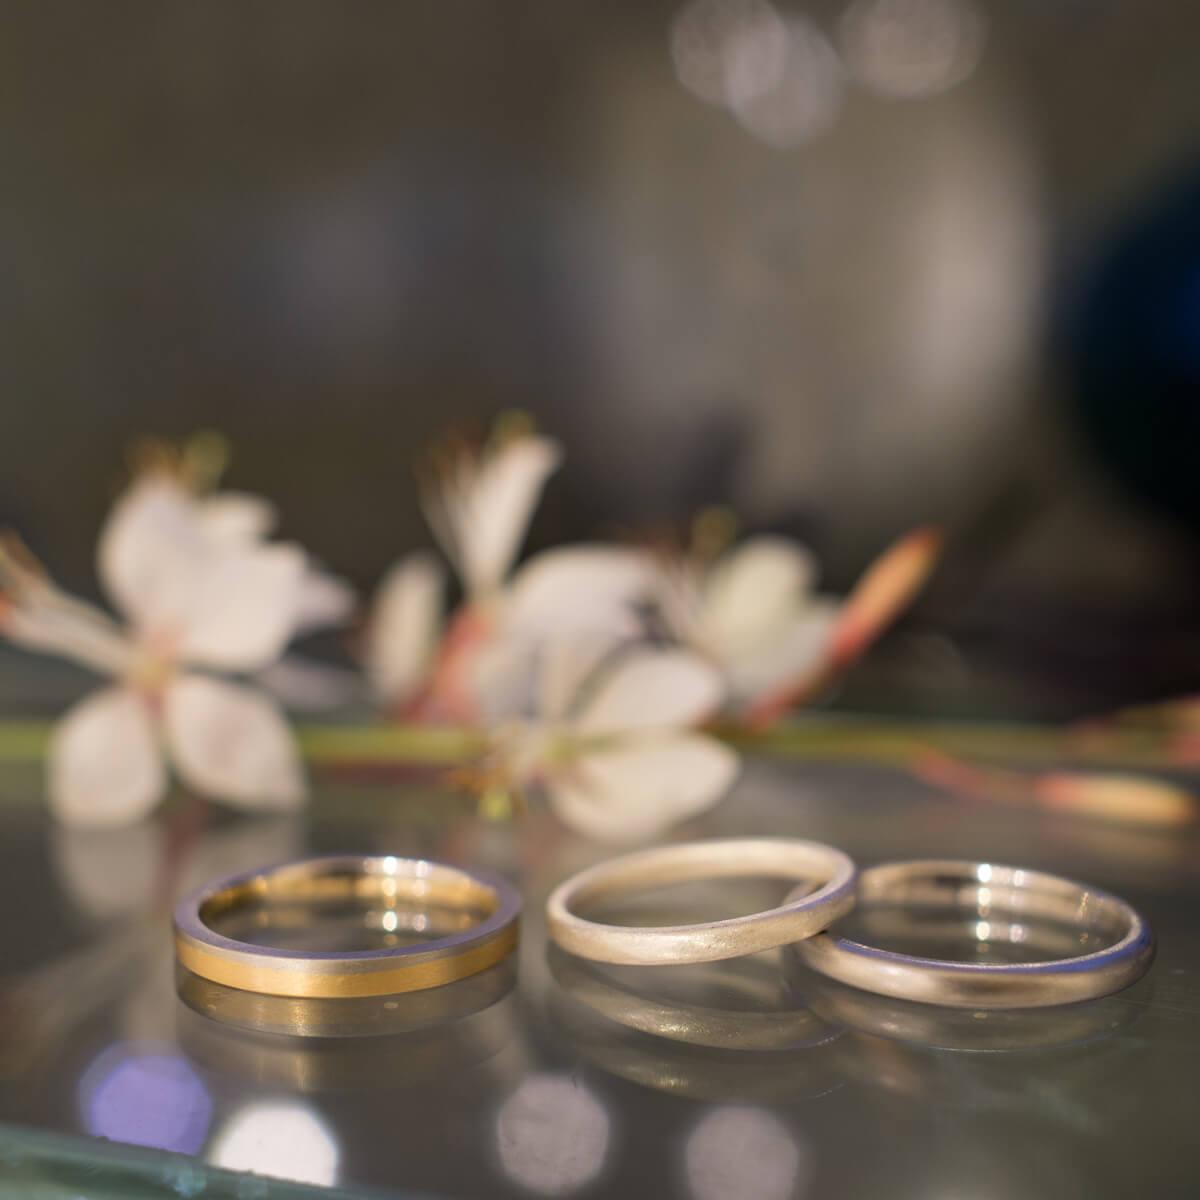 しずくギャラリーのディスプレイに結婚指輪のサンプル 屋久島の花バック ゴールド、プラチナ、シルバー 屋久島でつくる結婚指輪 結婚指輪の相談会